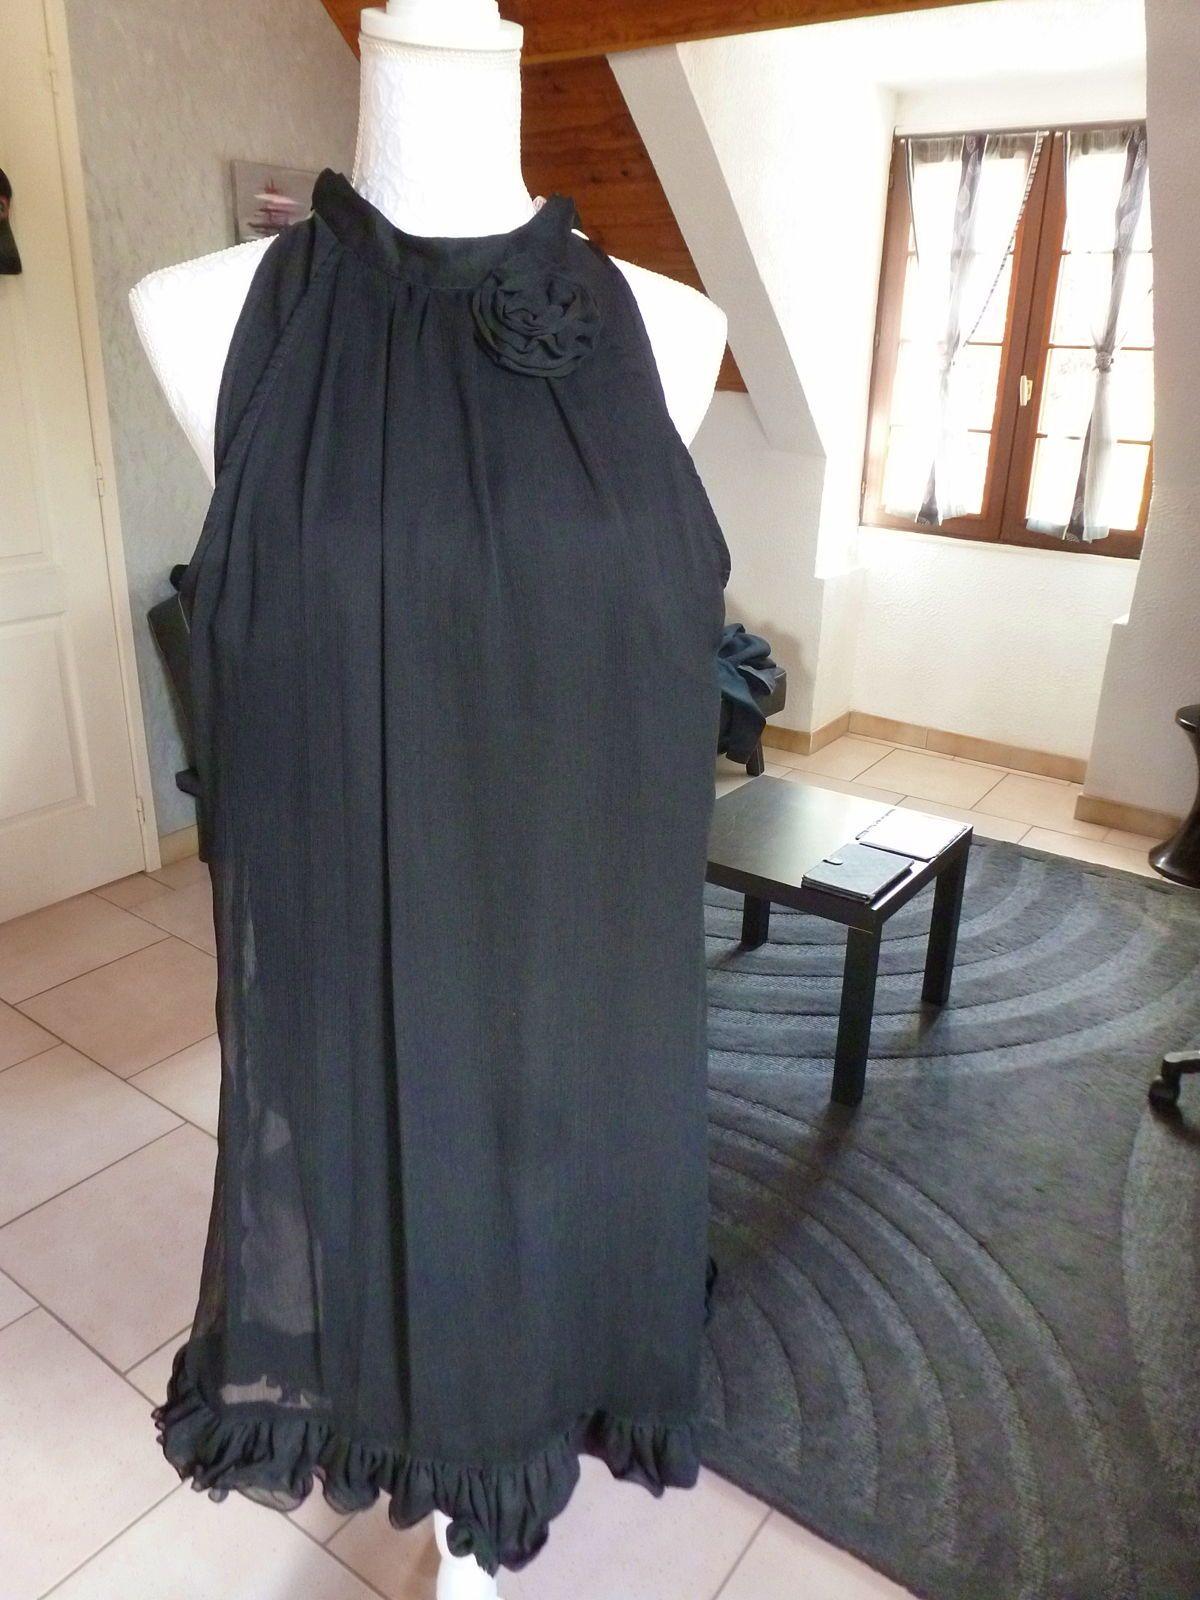 Sublime robe noire en voile taille 36/40